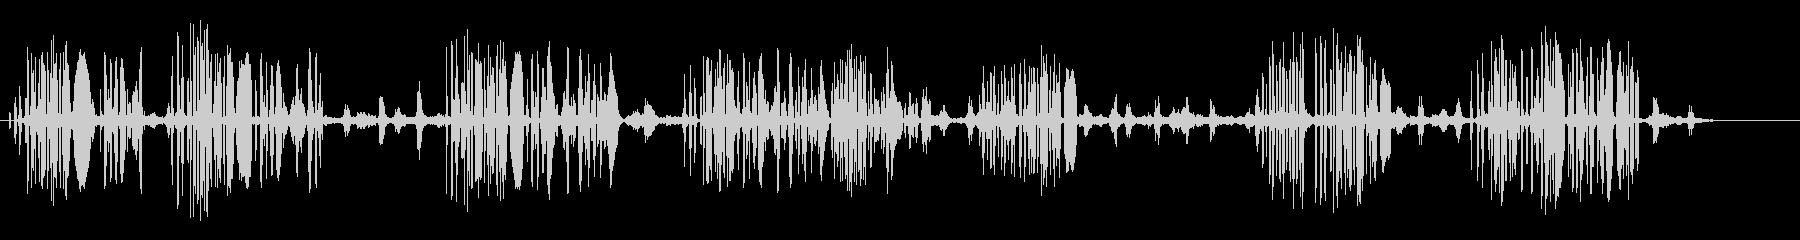 ゴールドフィンチ鳥の未再生の波形